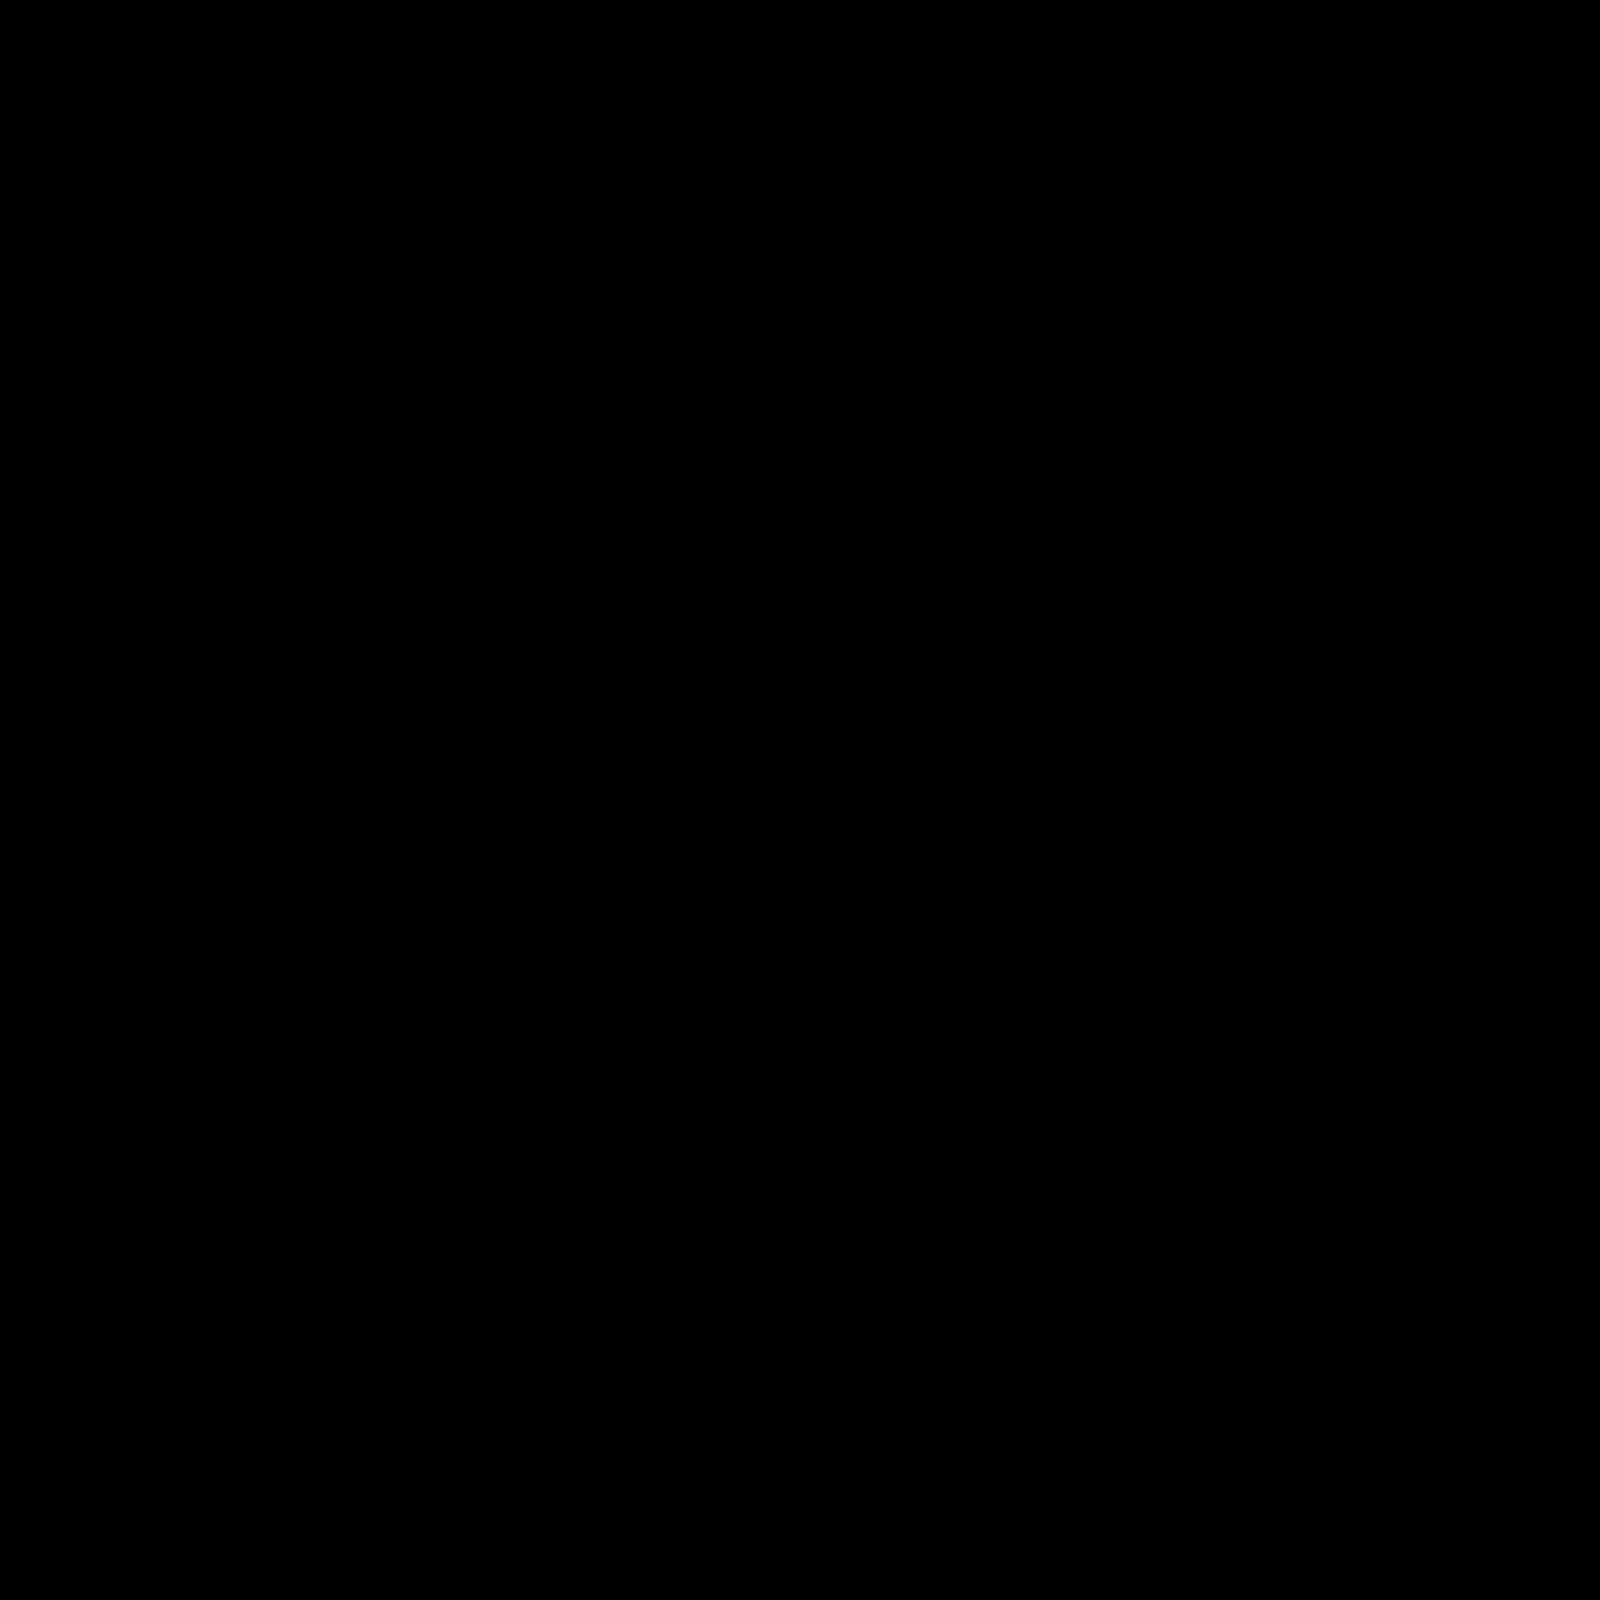 Circled 7 C icon